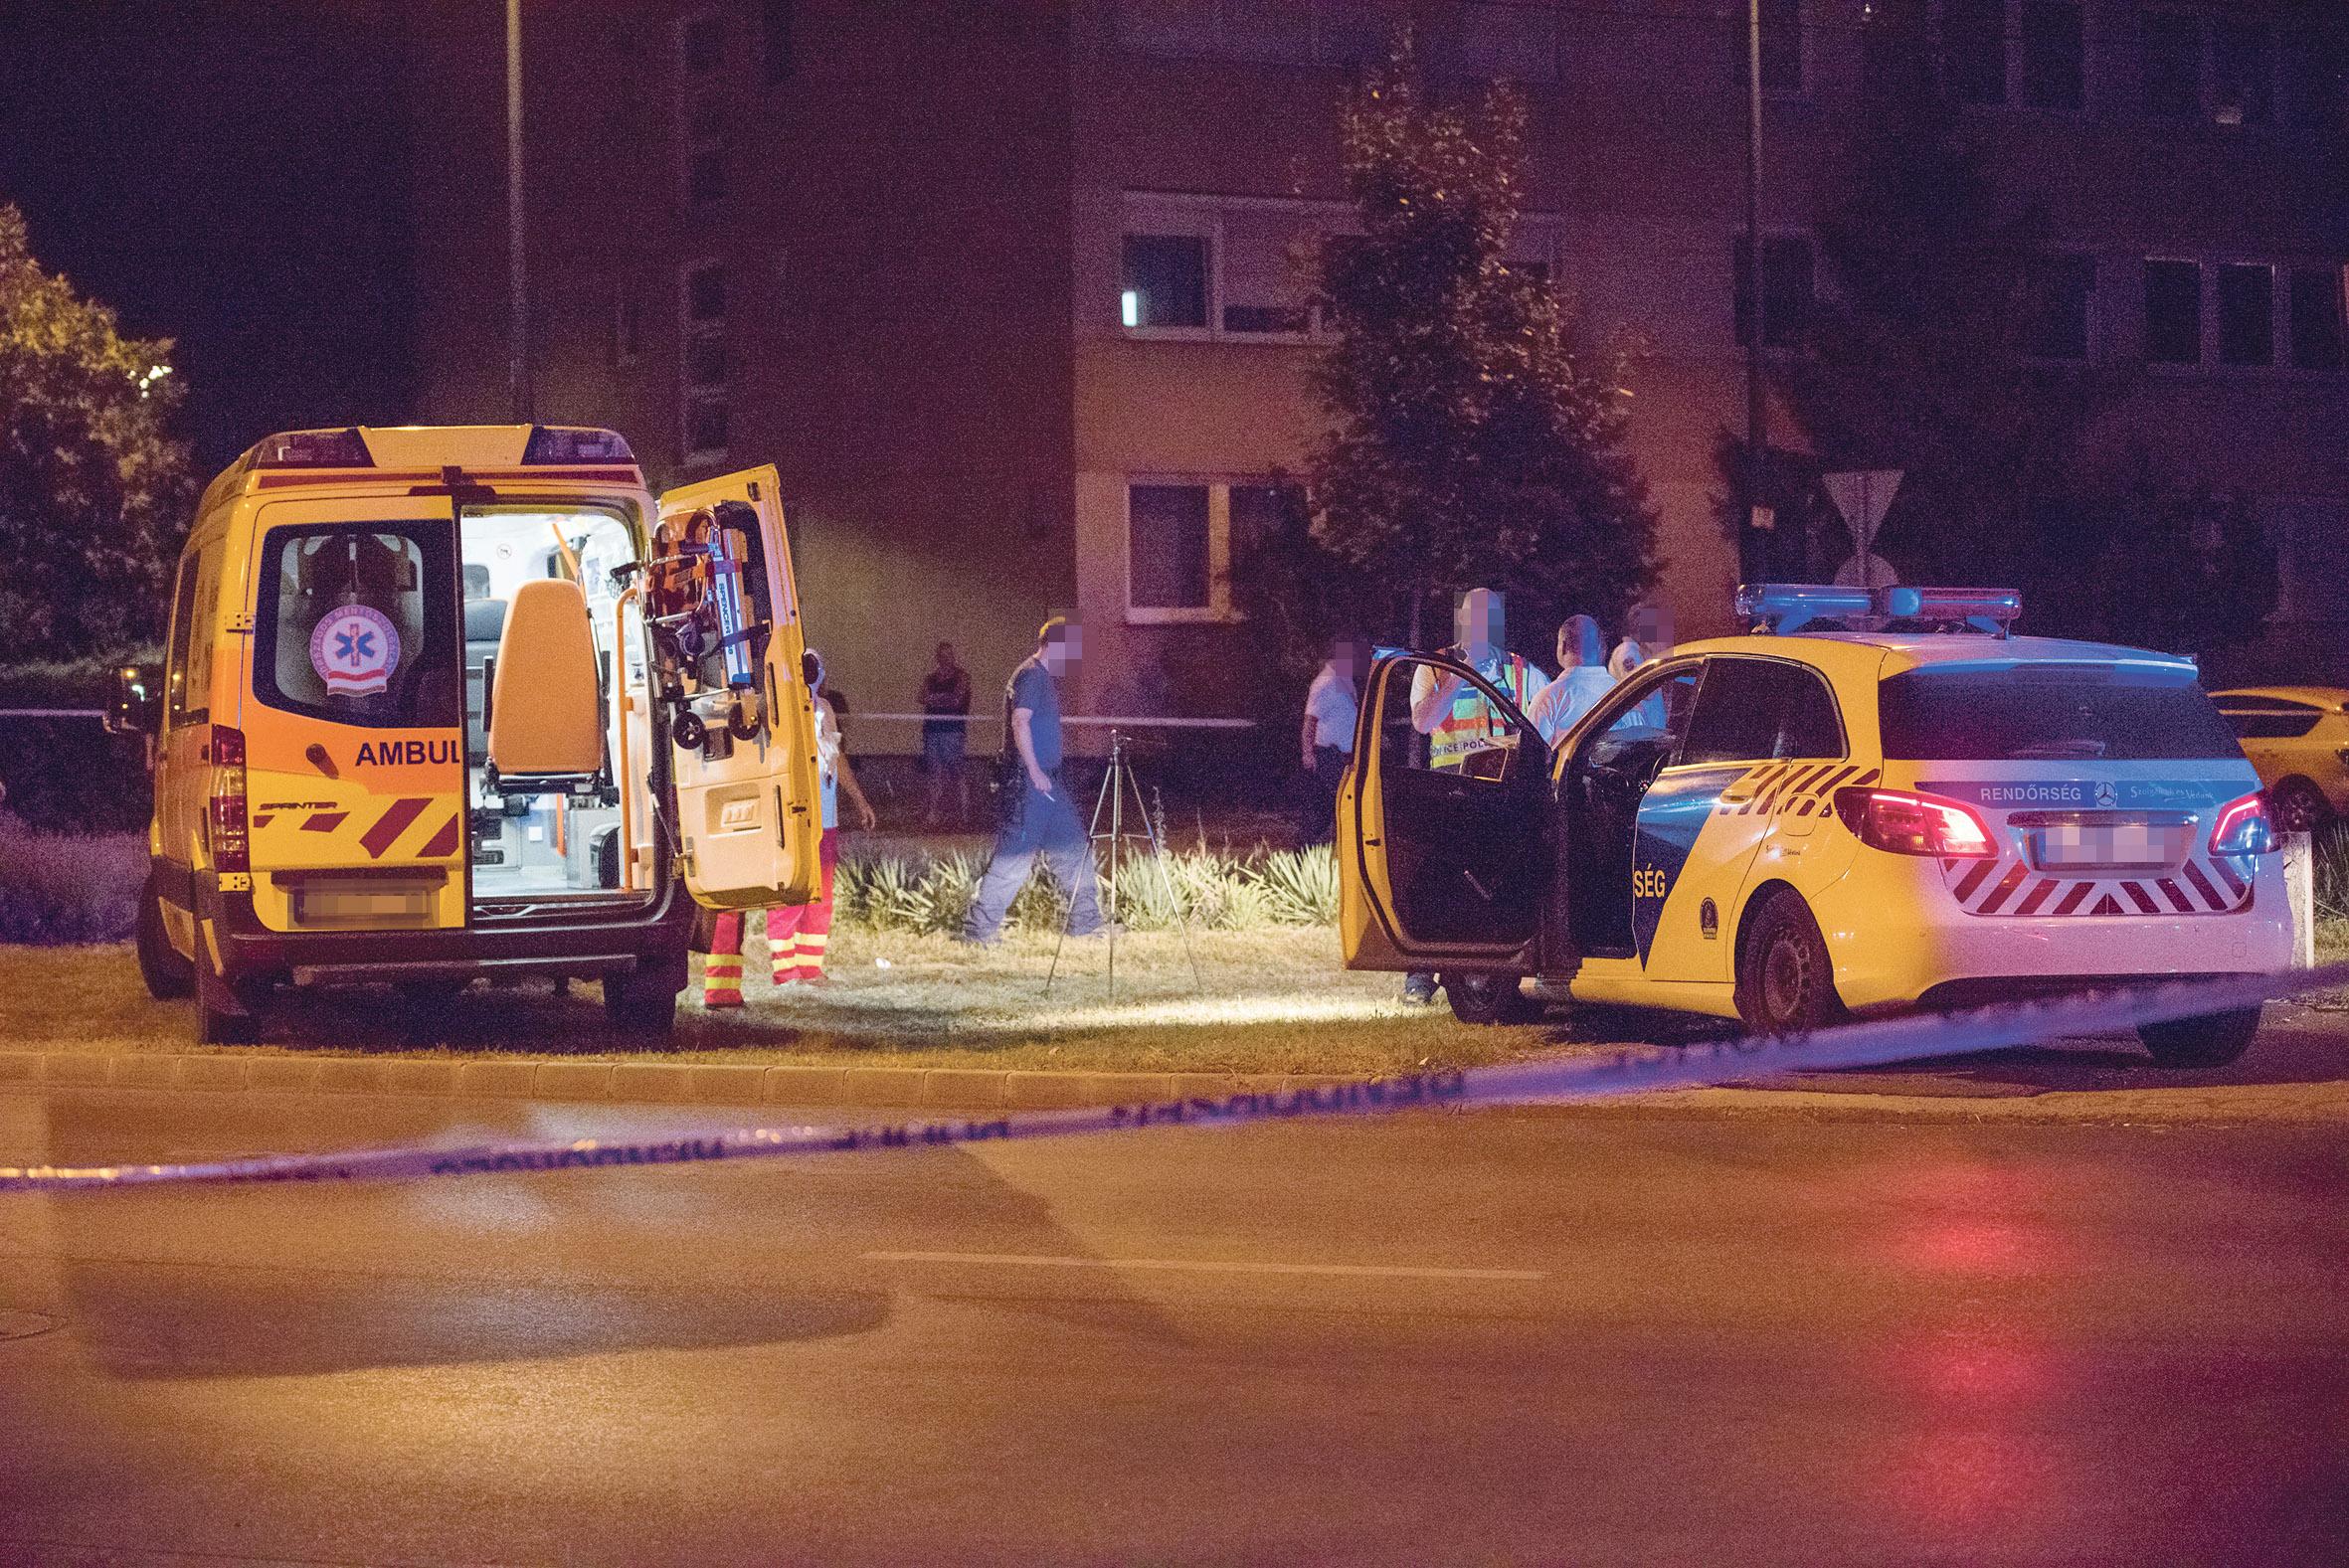 A kisfiú szörnyű halála Zuglóban, a Vezér és a Füredi utca kereszteződésénél történt 2019 nyarán